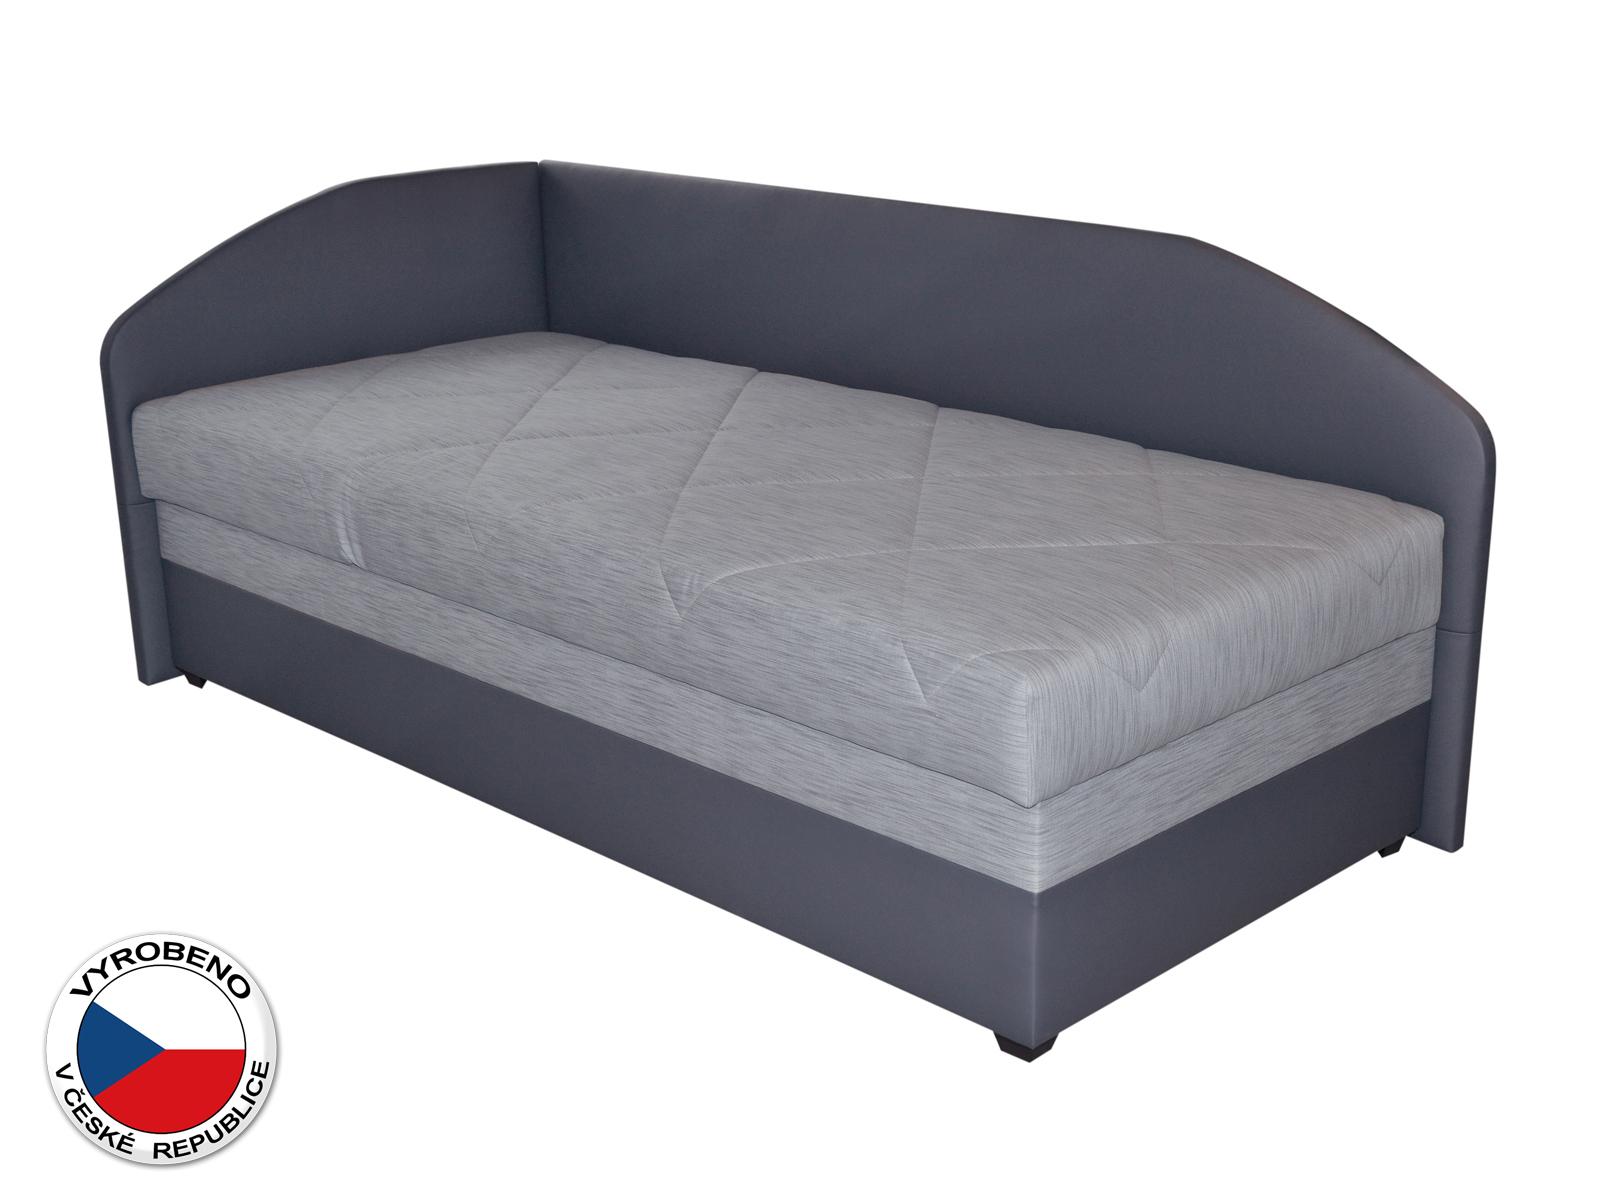 Jednolůžková postel (válenda) 90 cm - Blanár - Turi (světle šedá + tmavě šedá) (s roštem a matrací) (L)